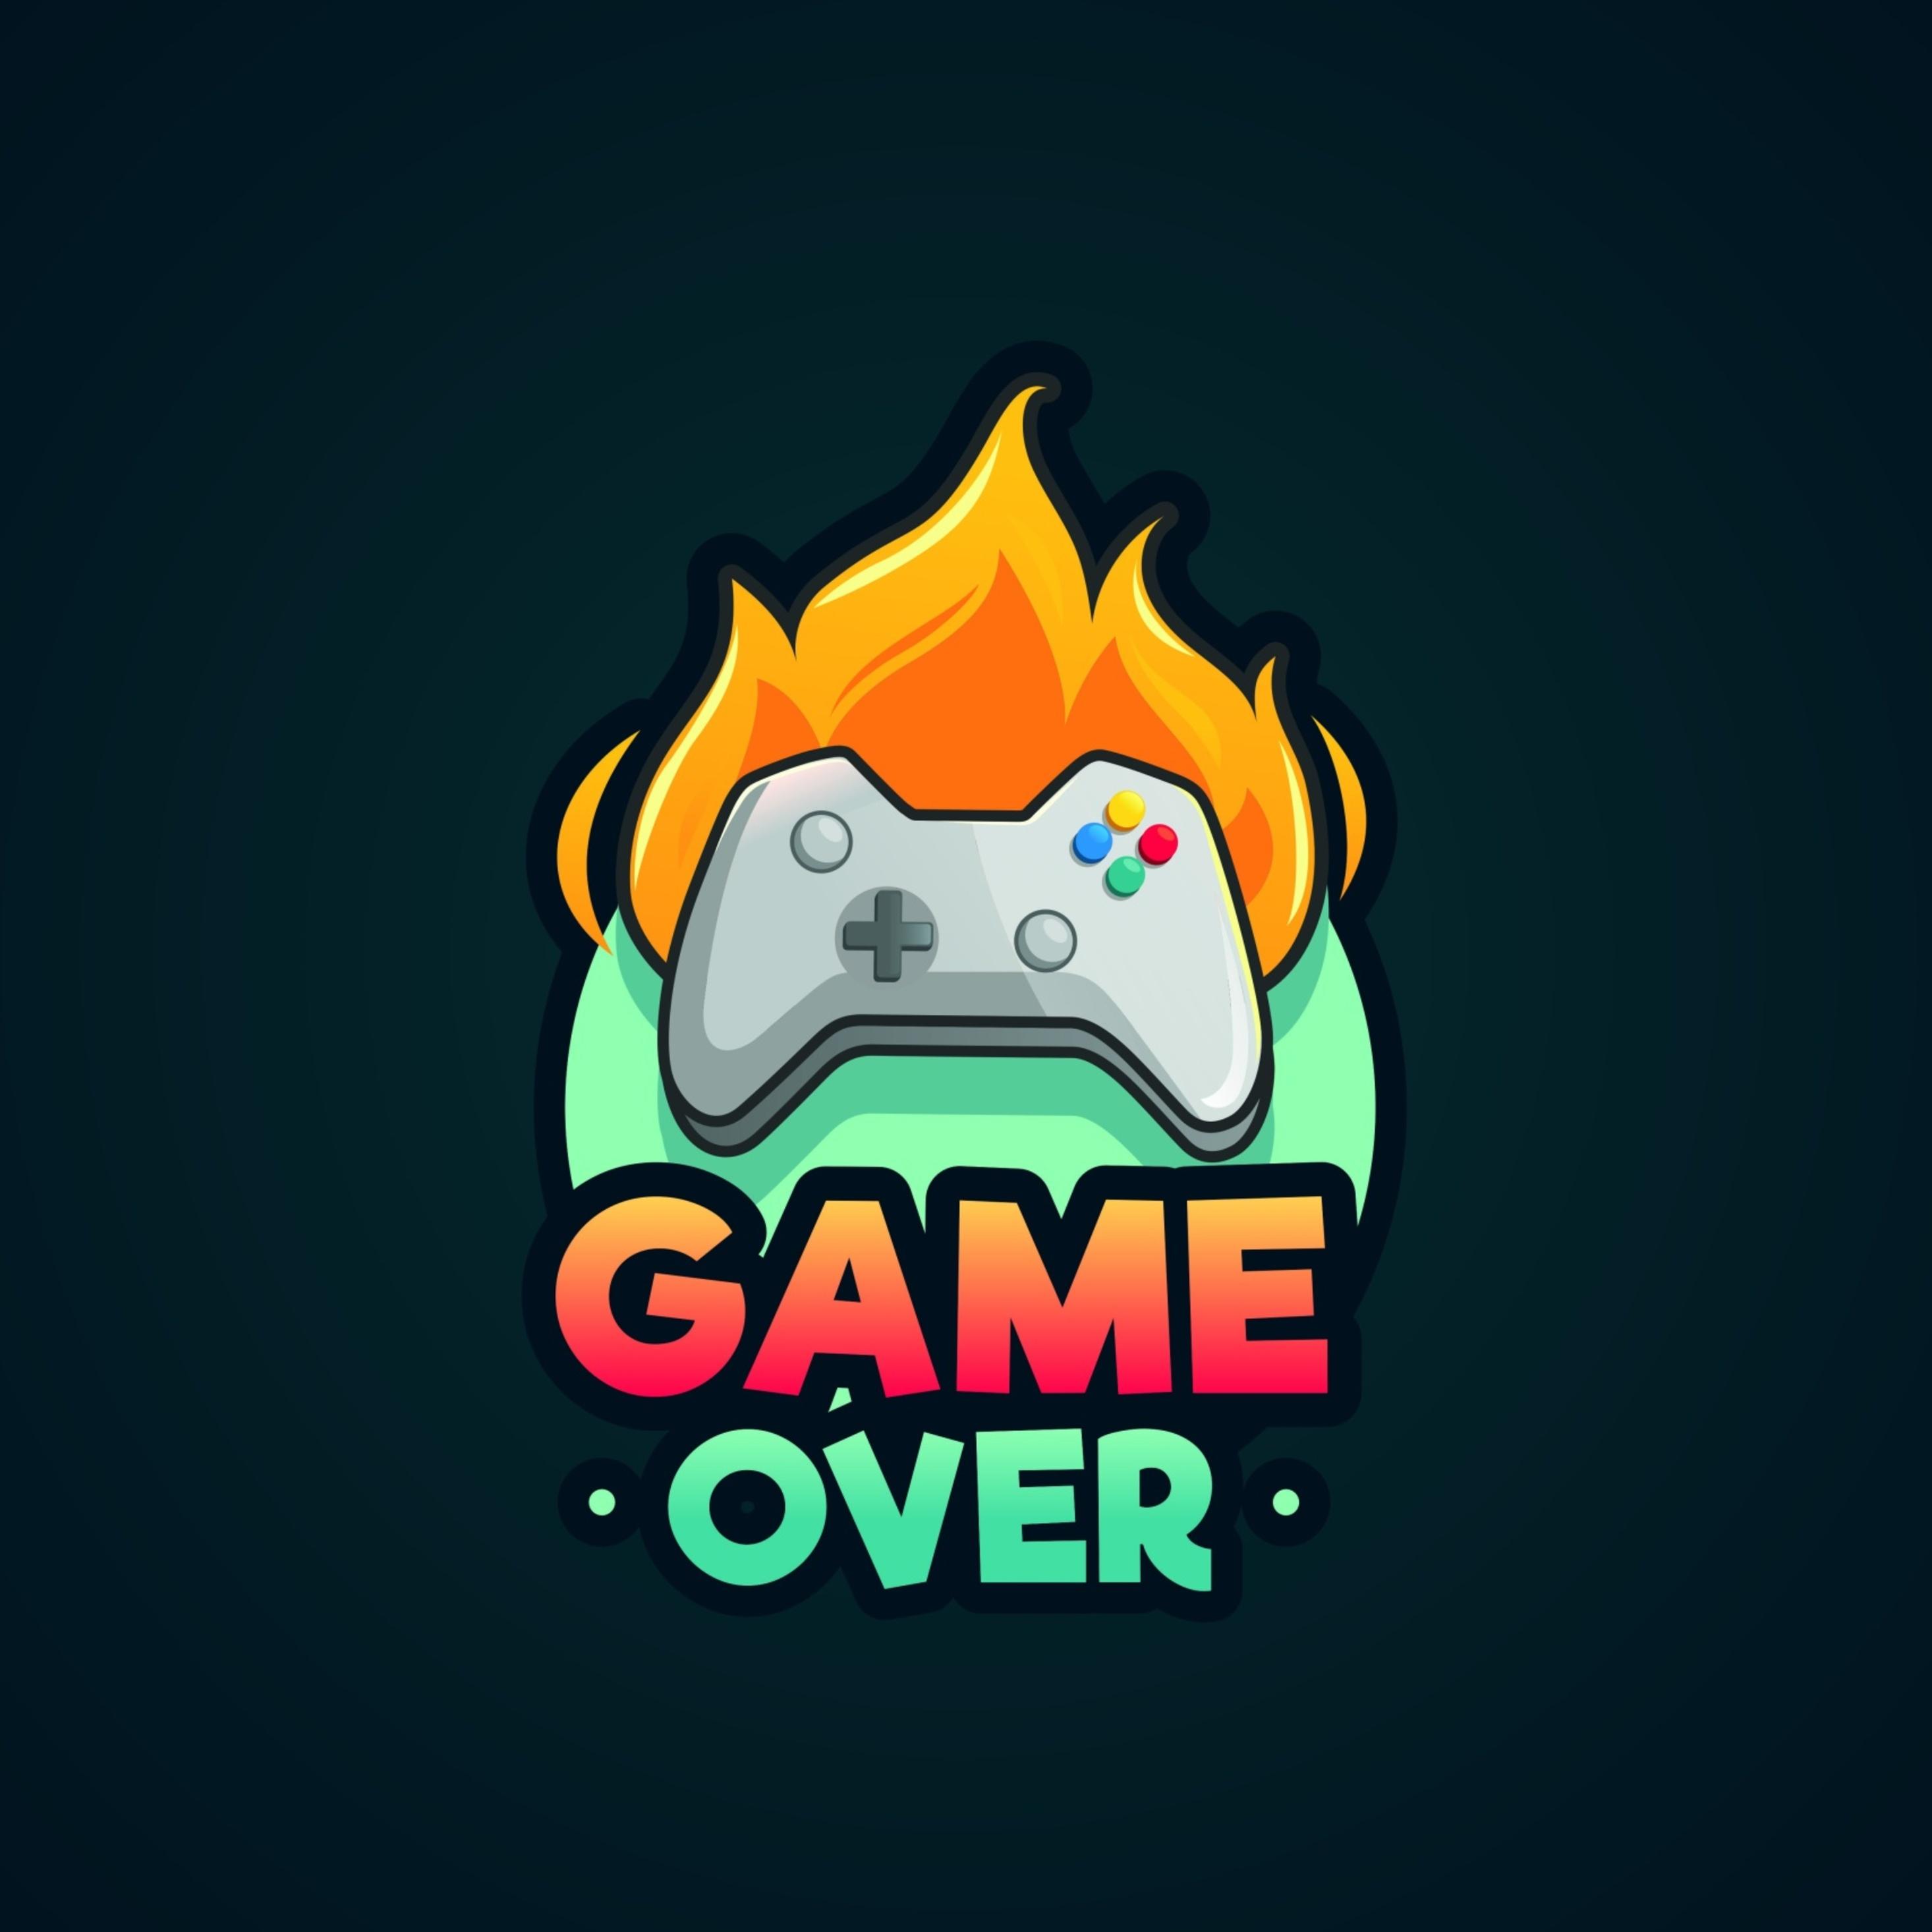 game-over-minimalist-ed.jpg